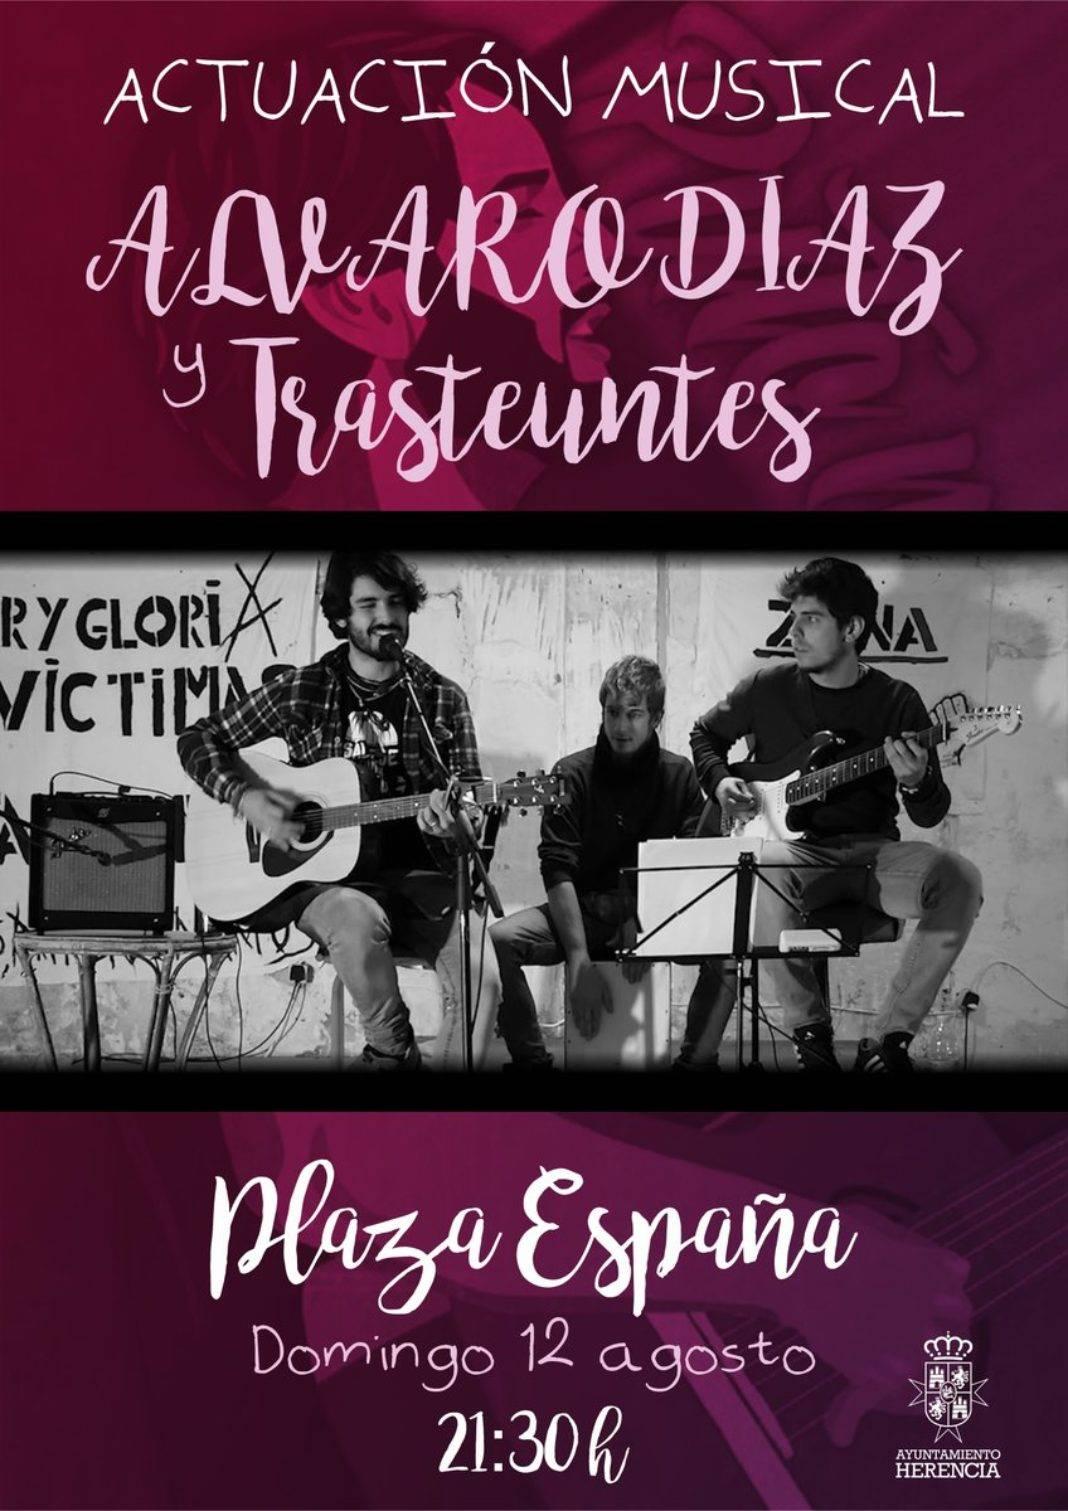 Concierto de Álvaro Díaz y Trasteuntes en la plaza de España 4